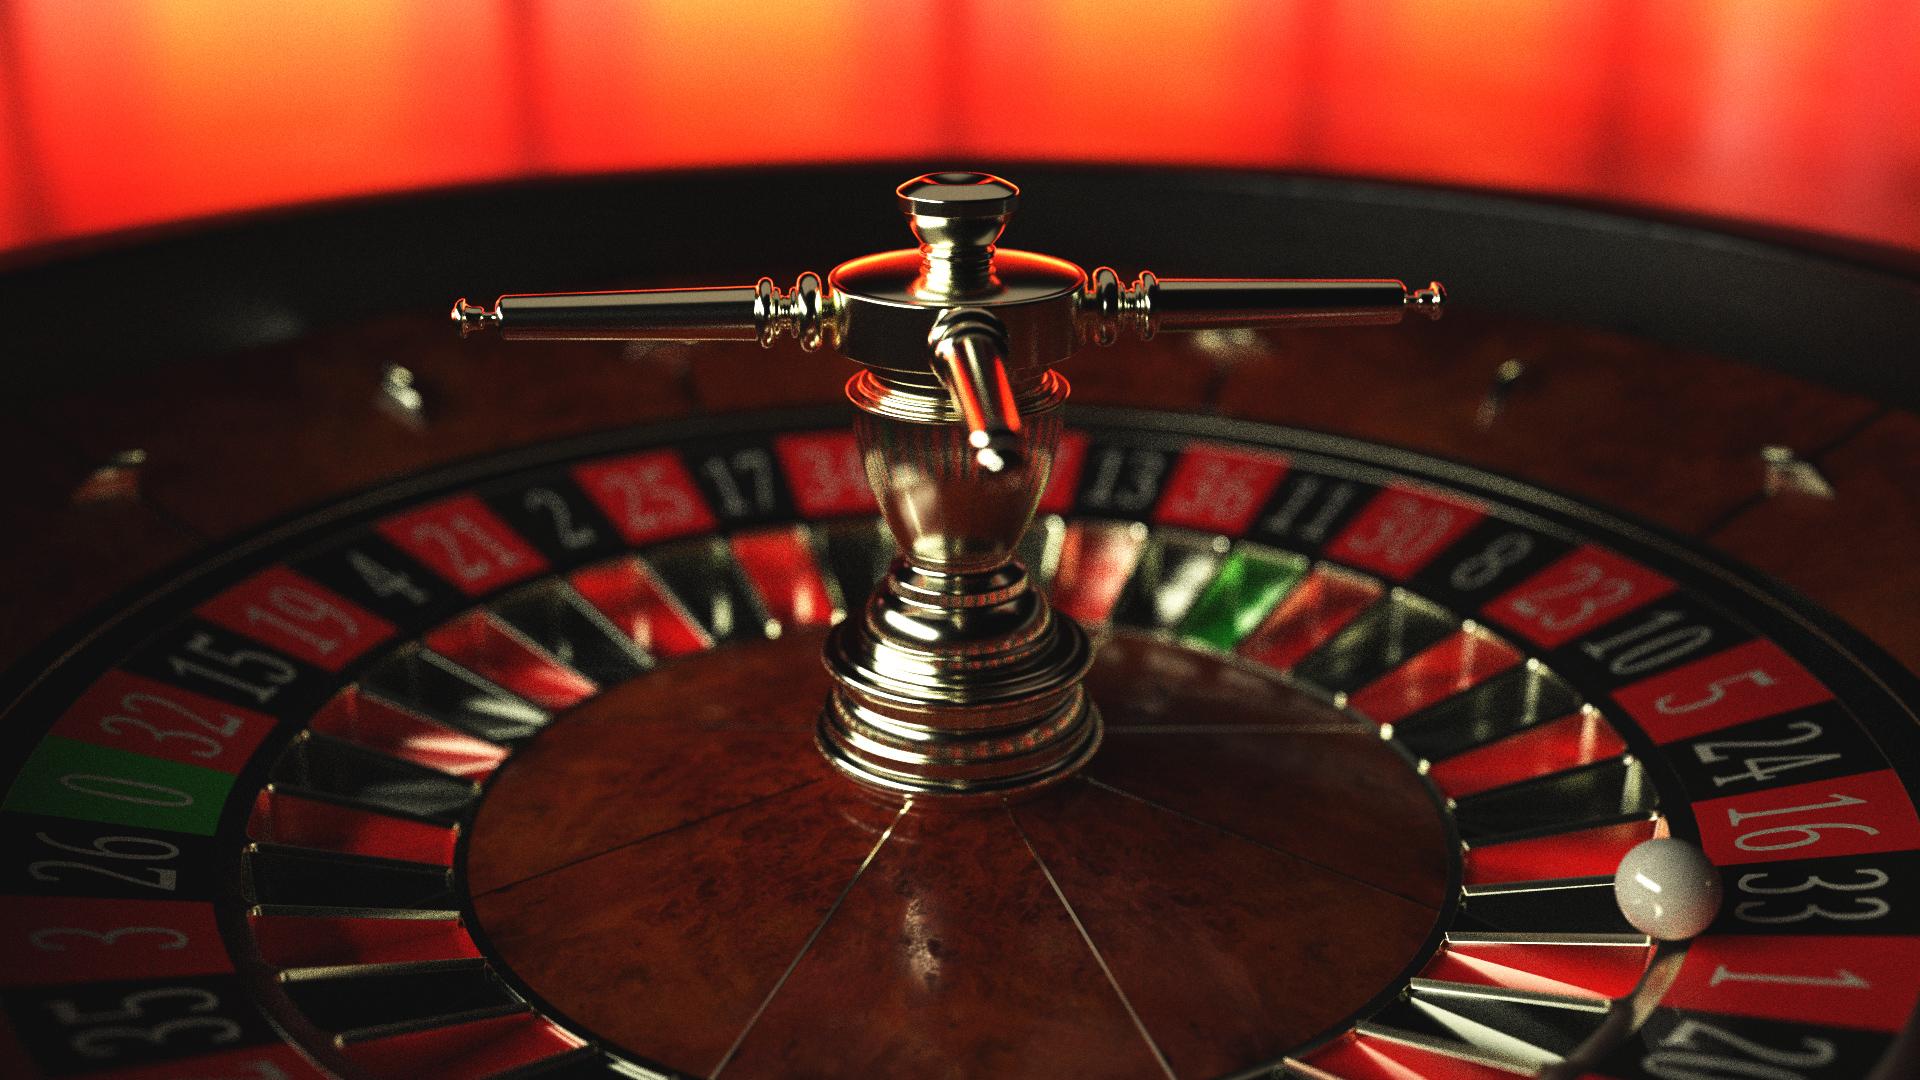 приглашаю игроков в казино одному скучно